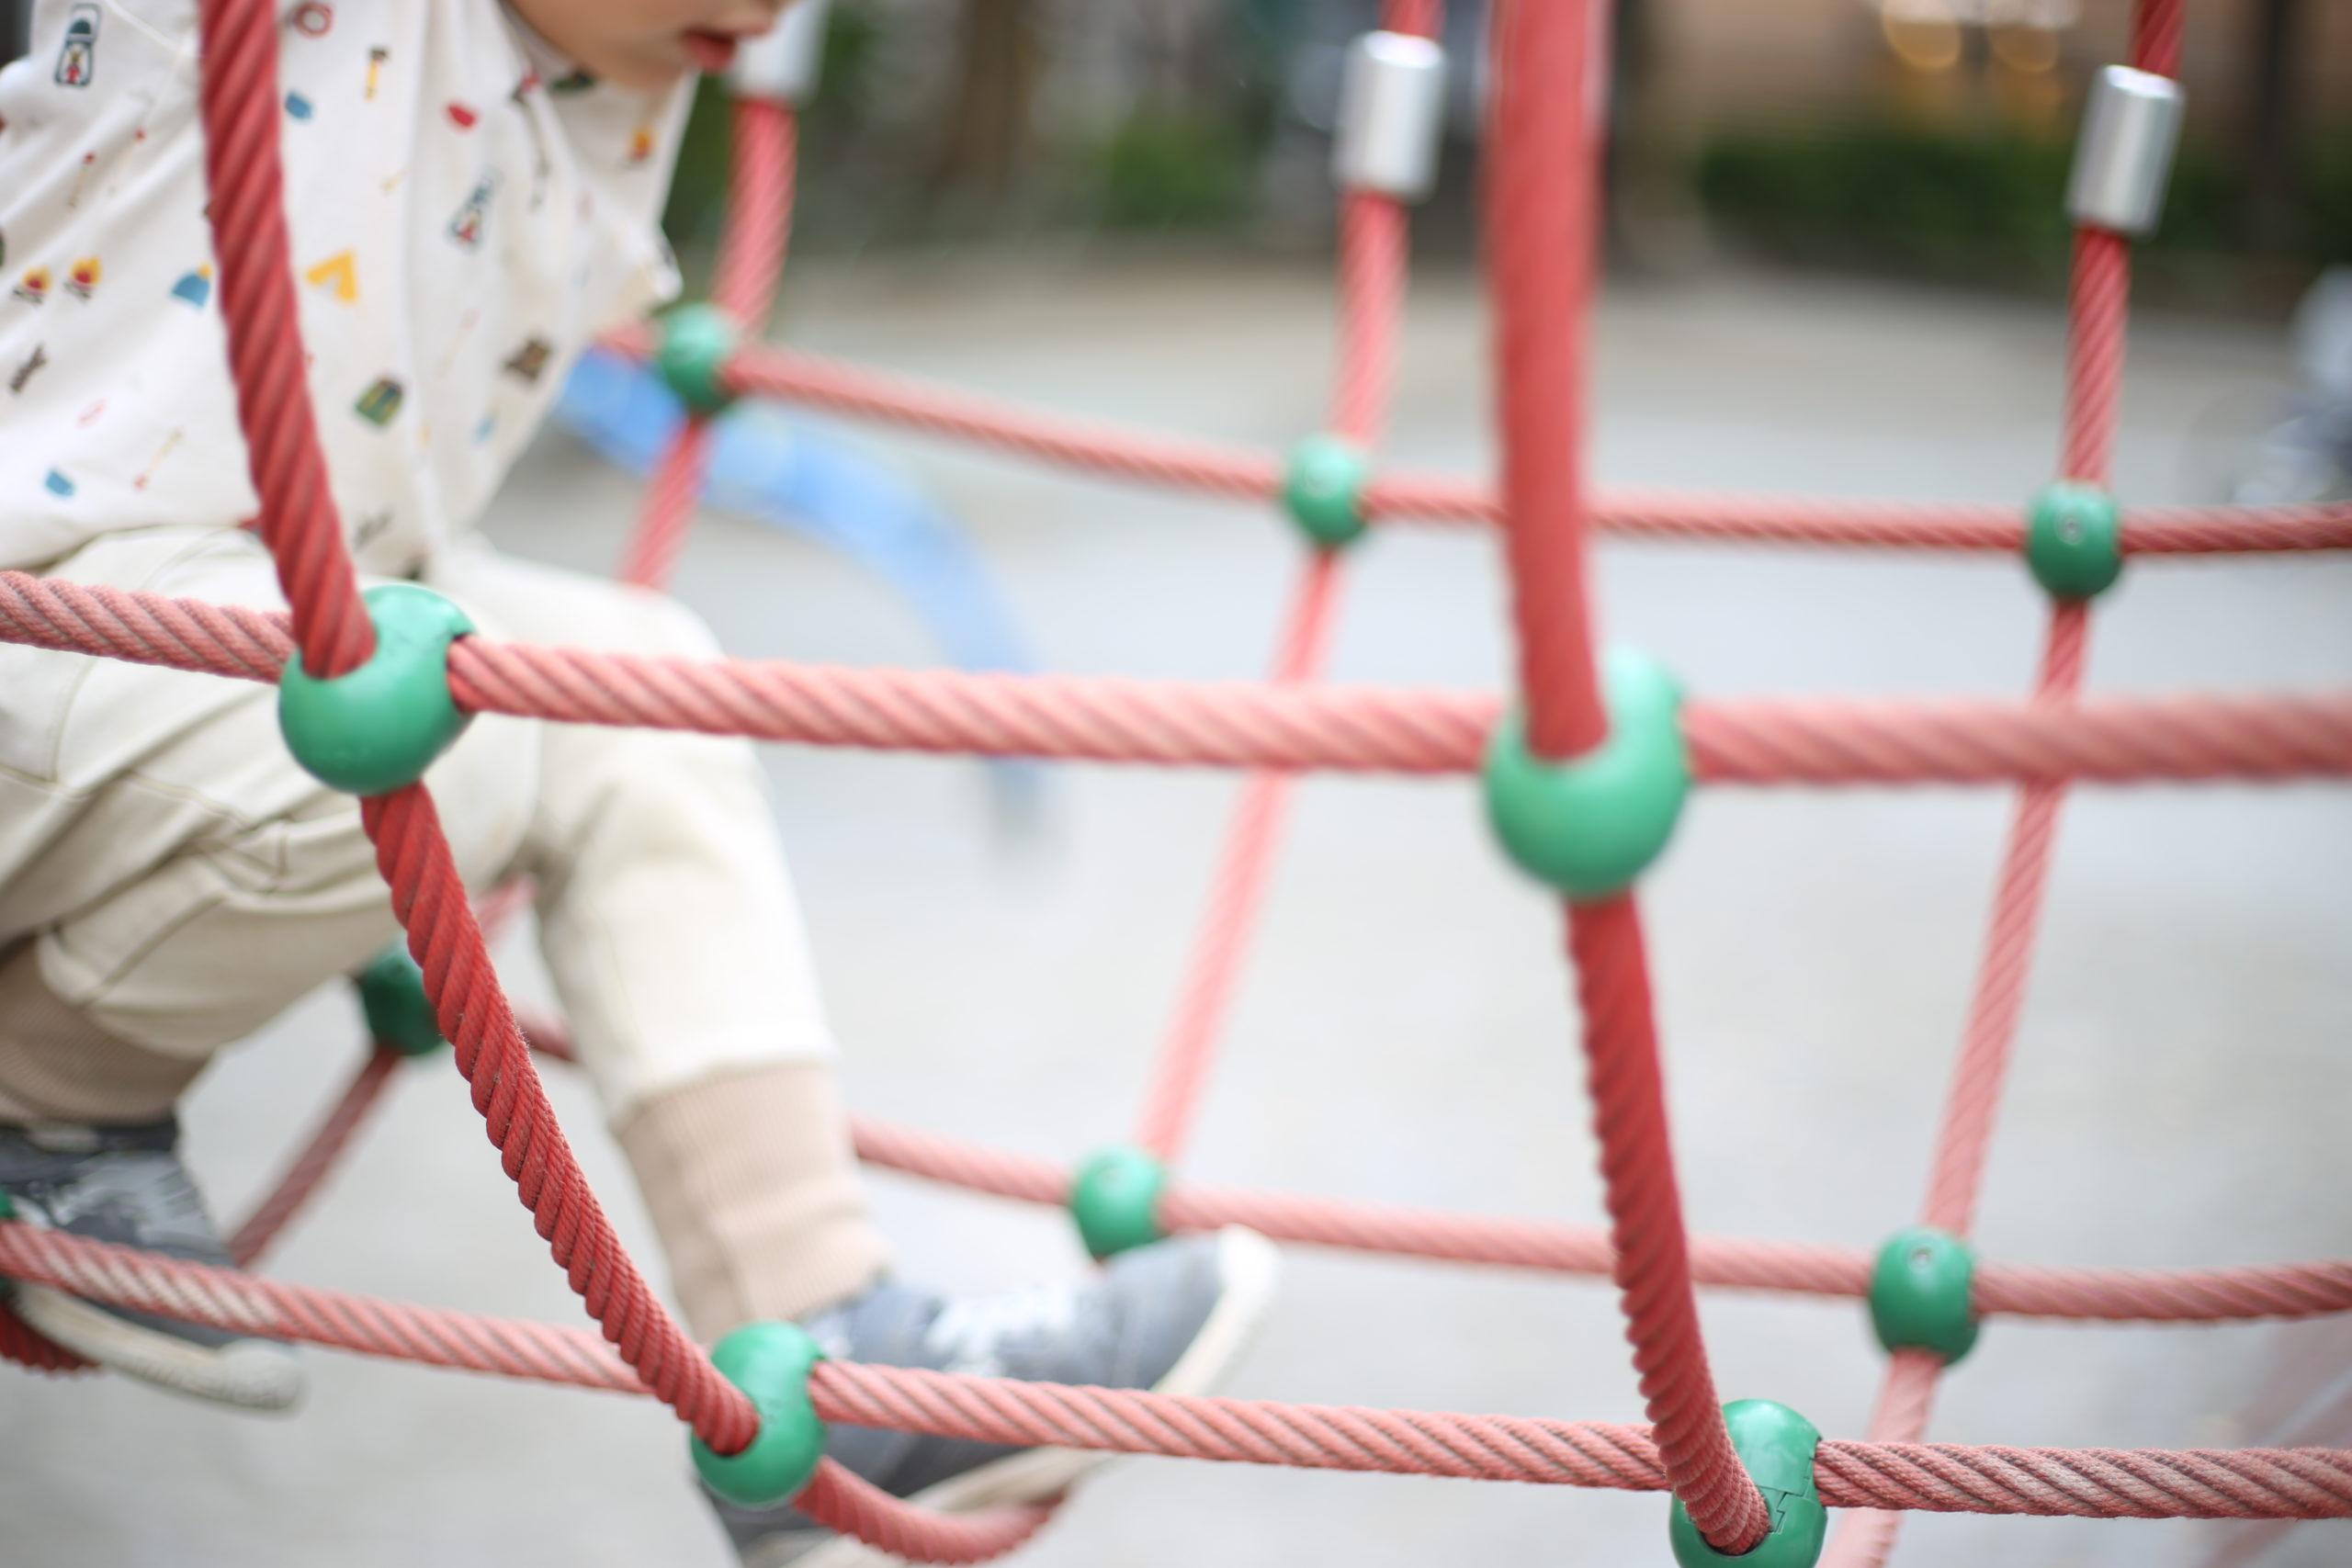 大人に説明するだけの労力を、子供にかけないのは何故か